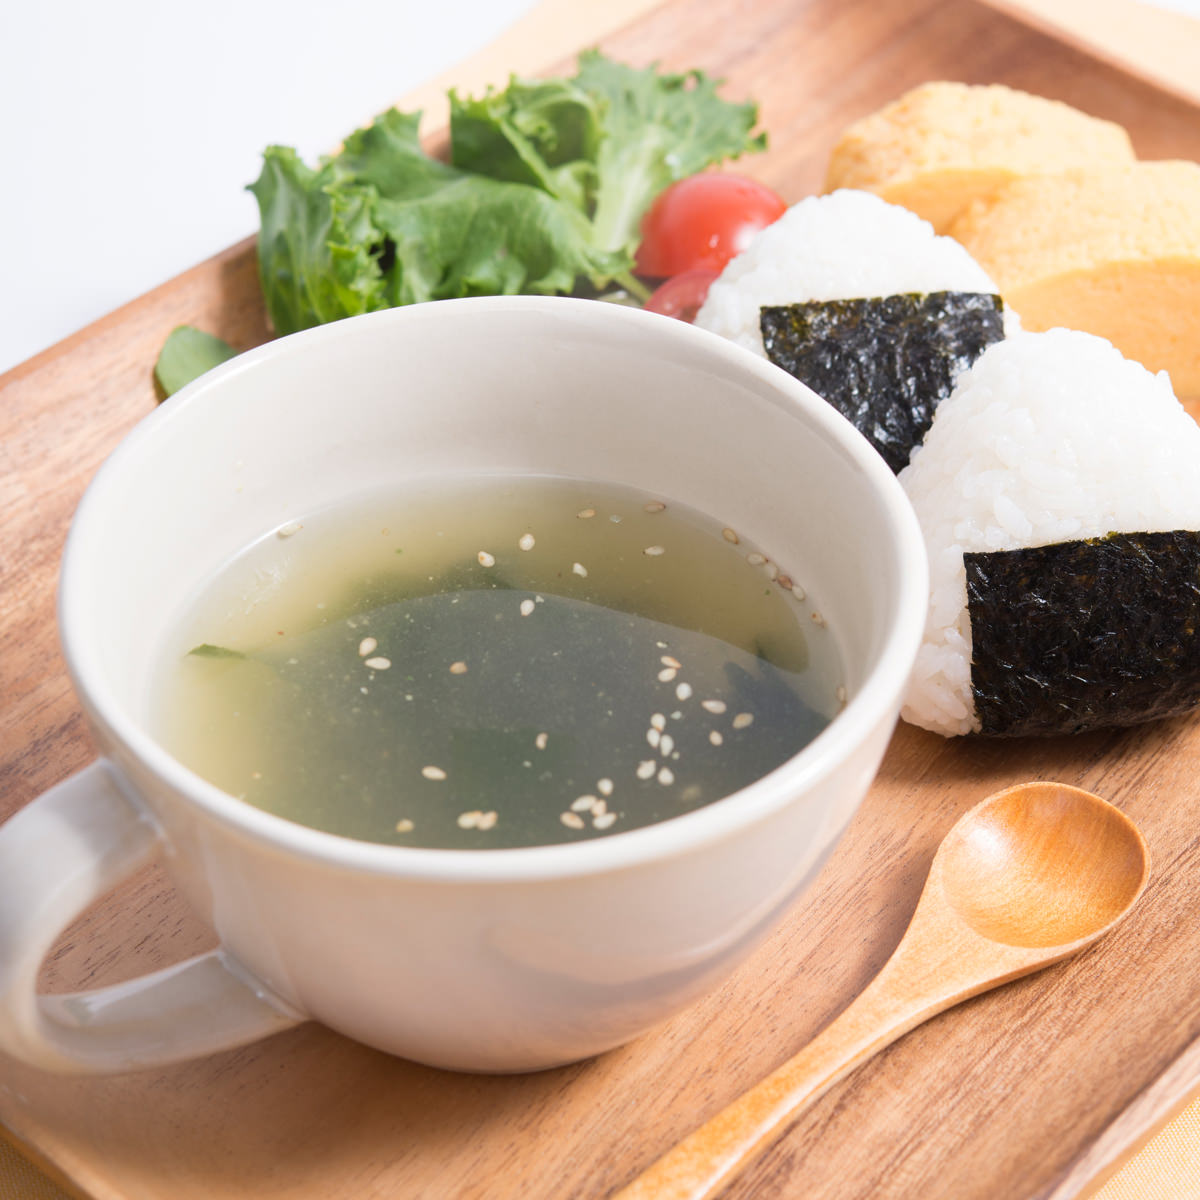 ランチスープにも便利 小分けパック即席汁 定番スープ わかめ〔75個〕